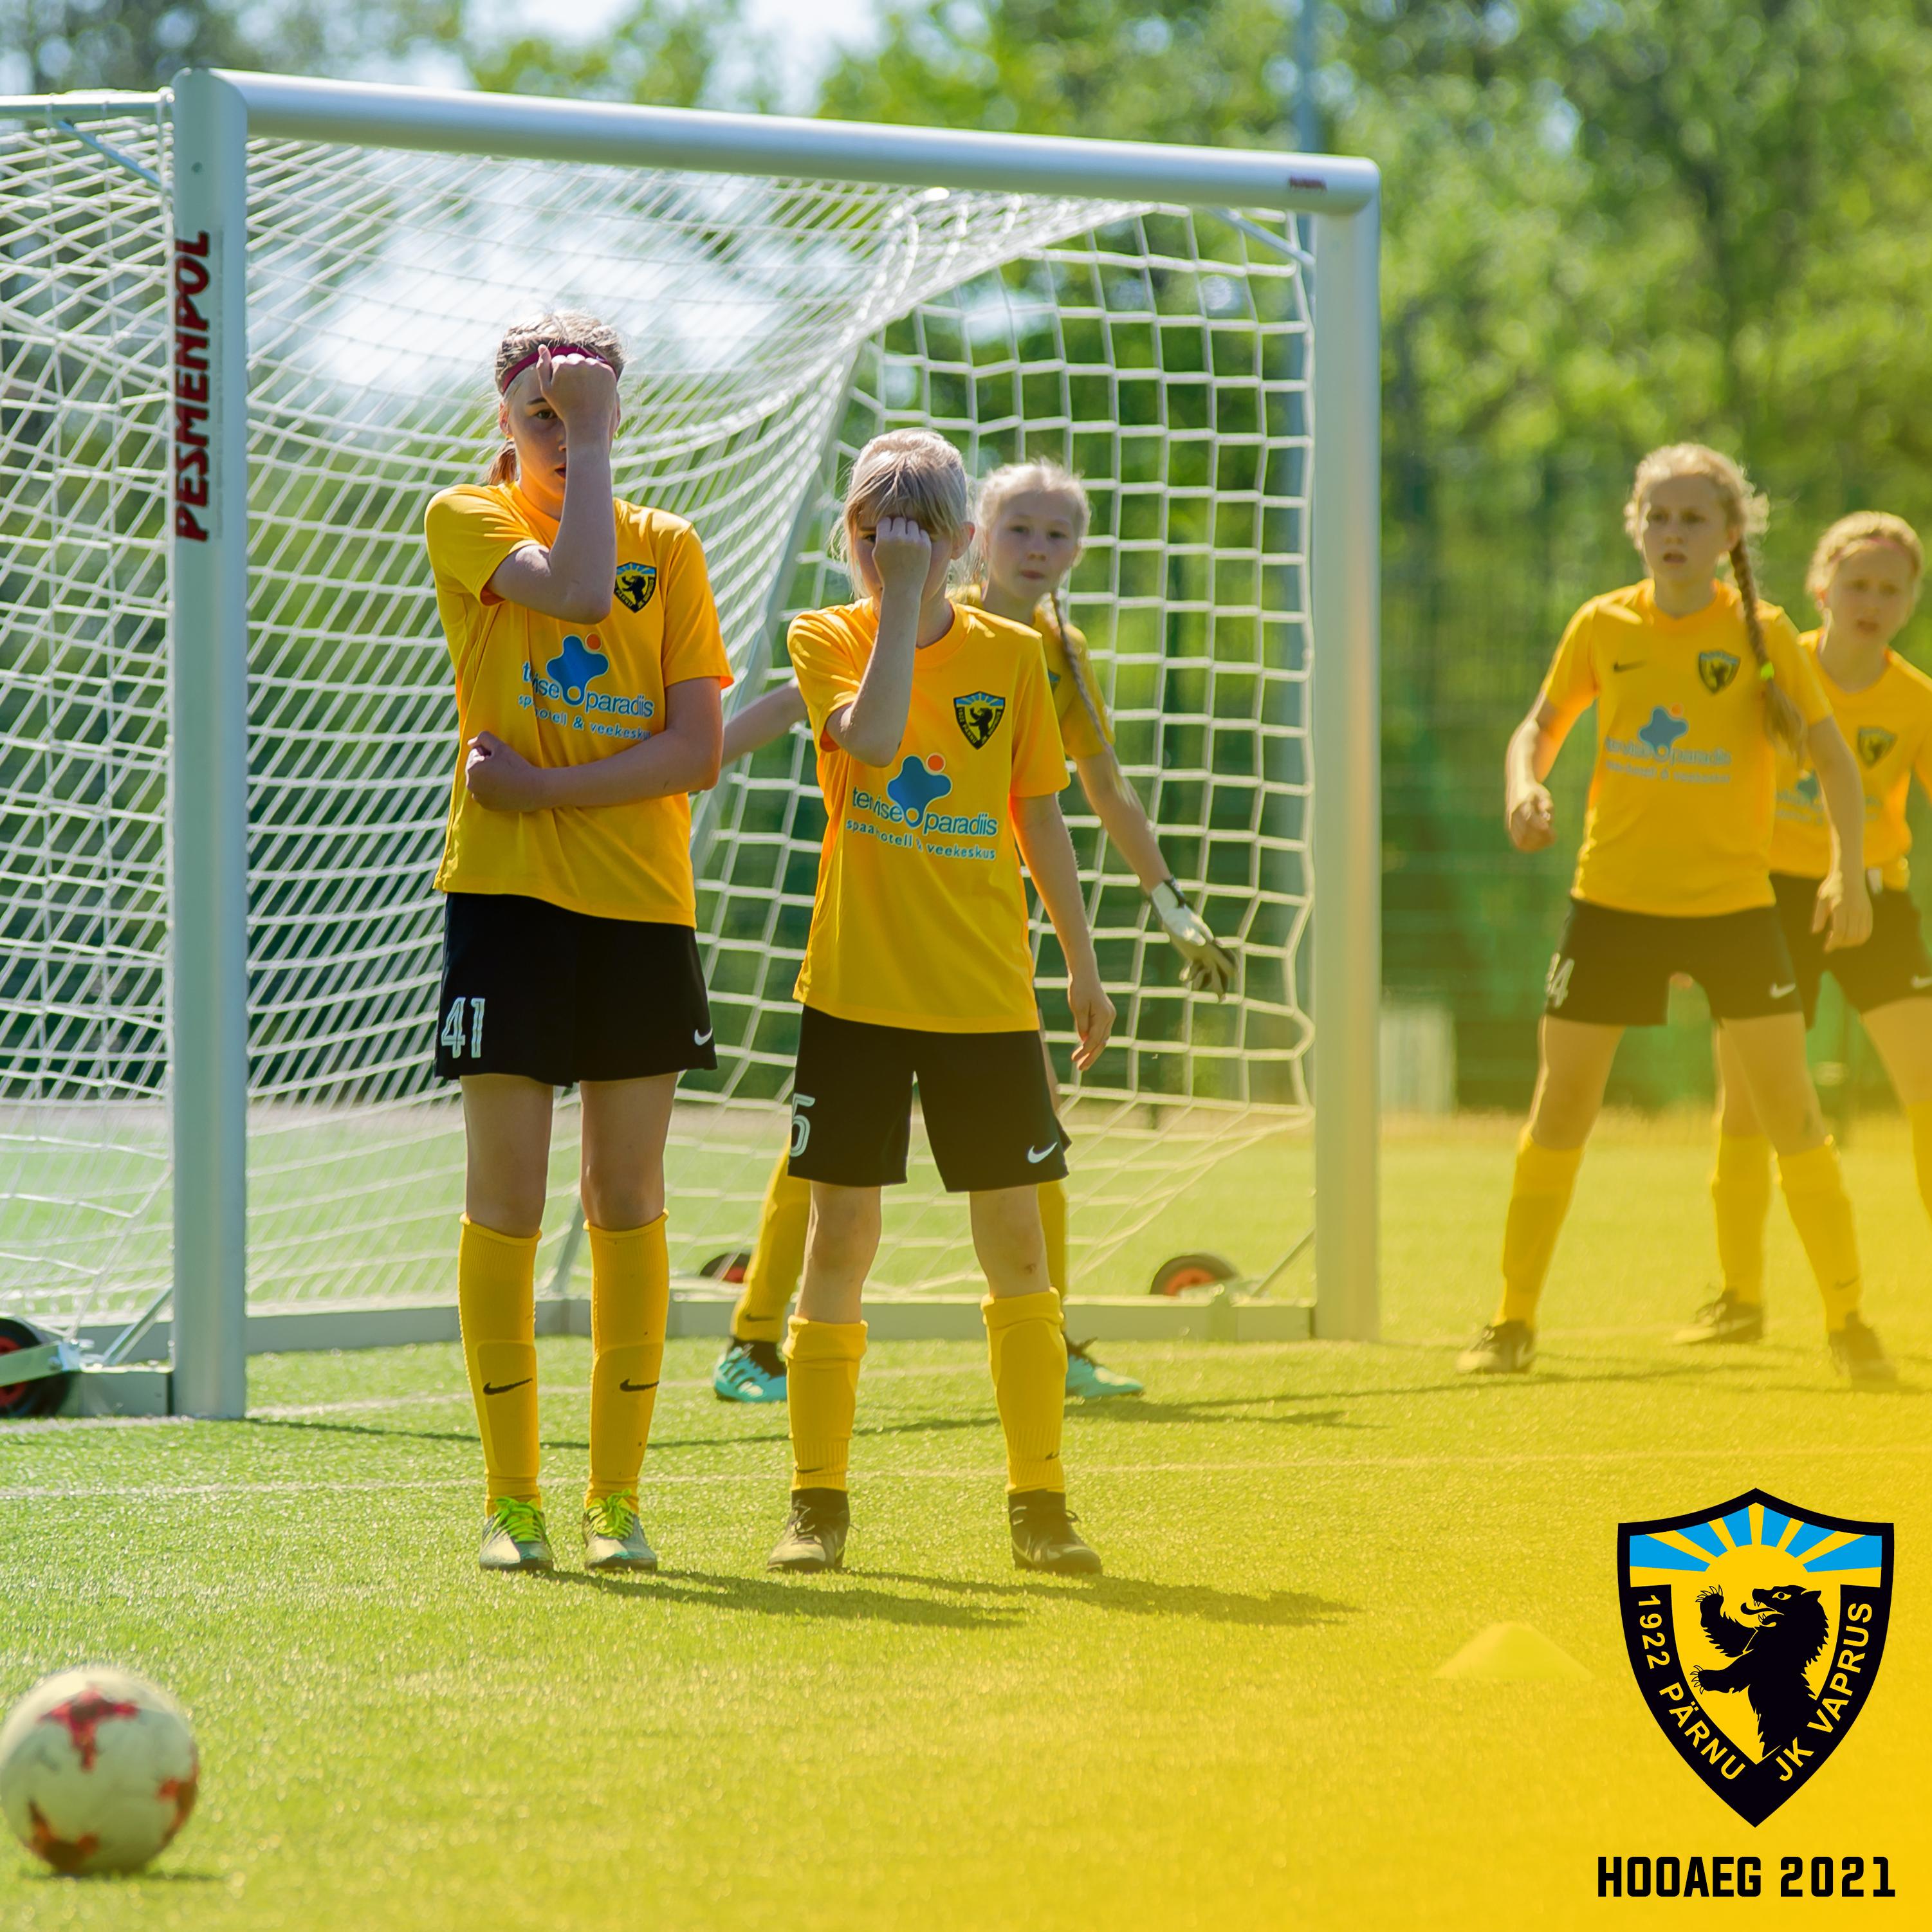 Tütarlaste võistkonnad asuvad Meistrivõistlustel osalema kolmes vanusegrupis